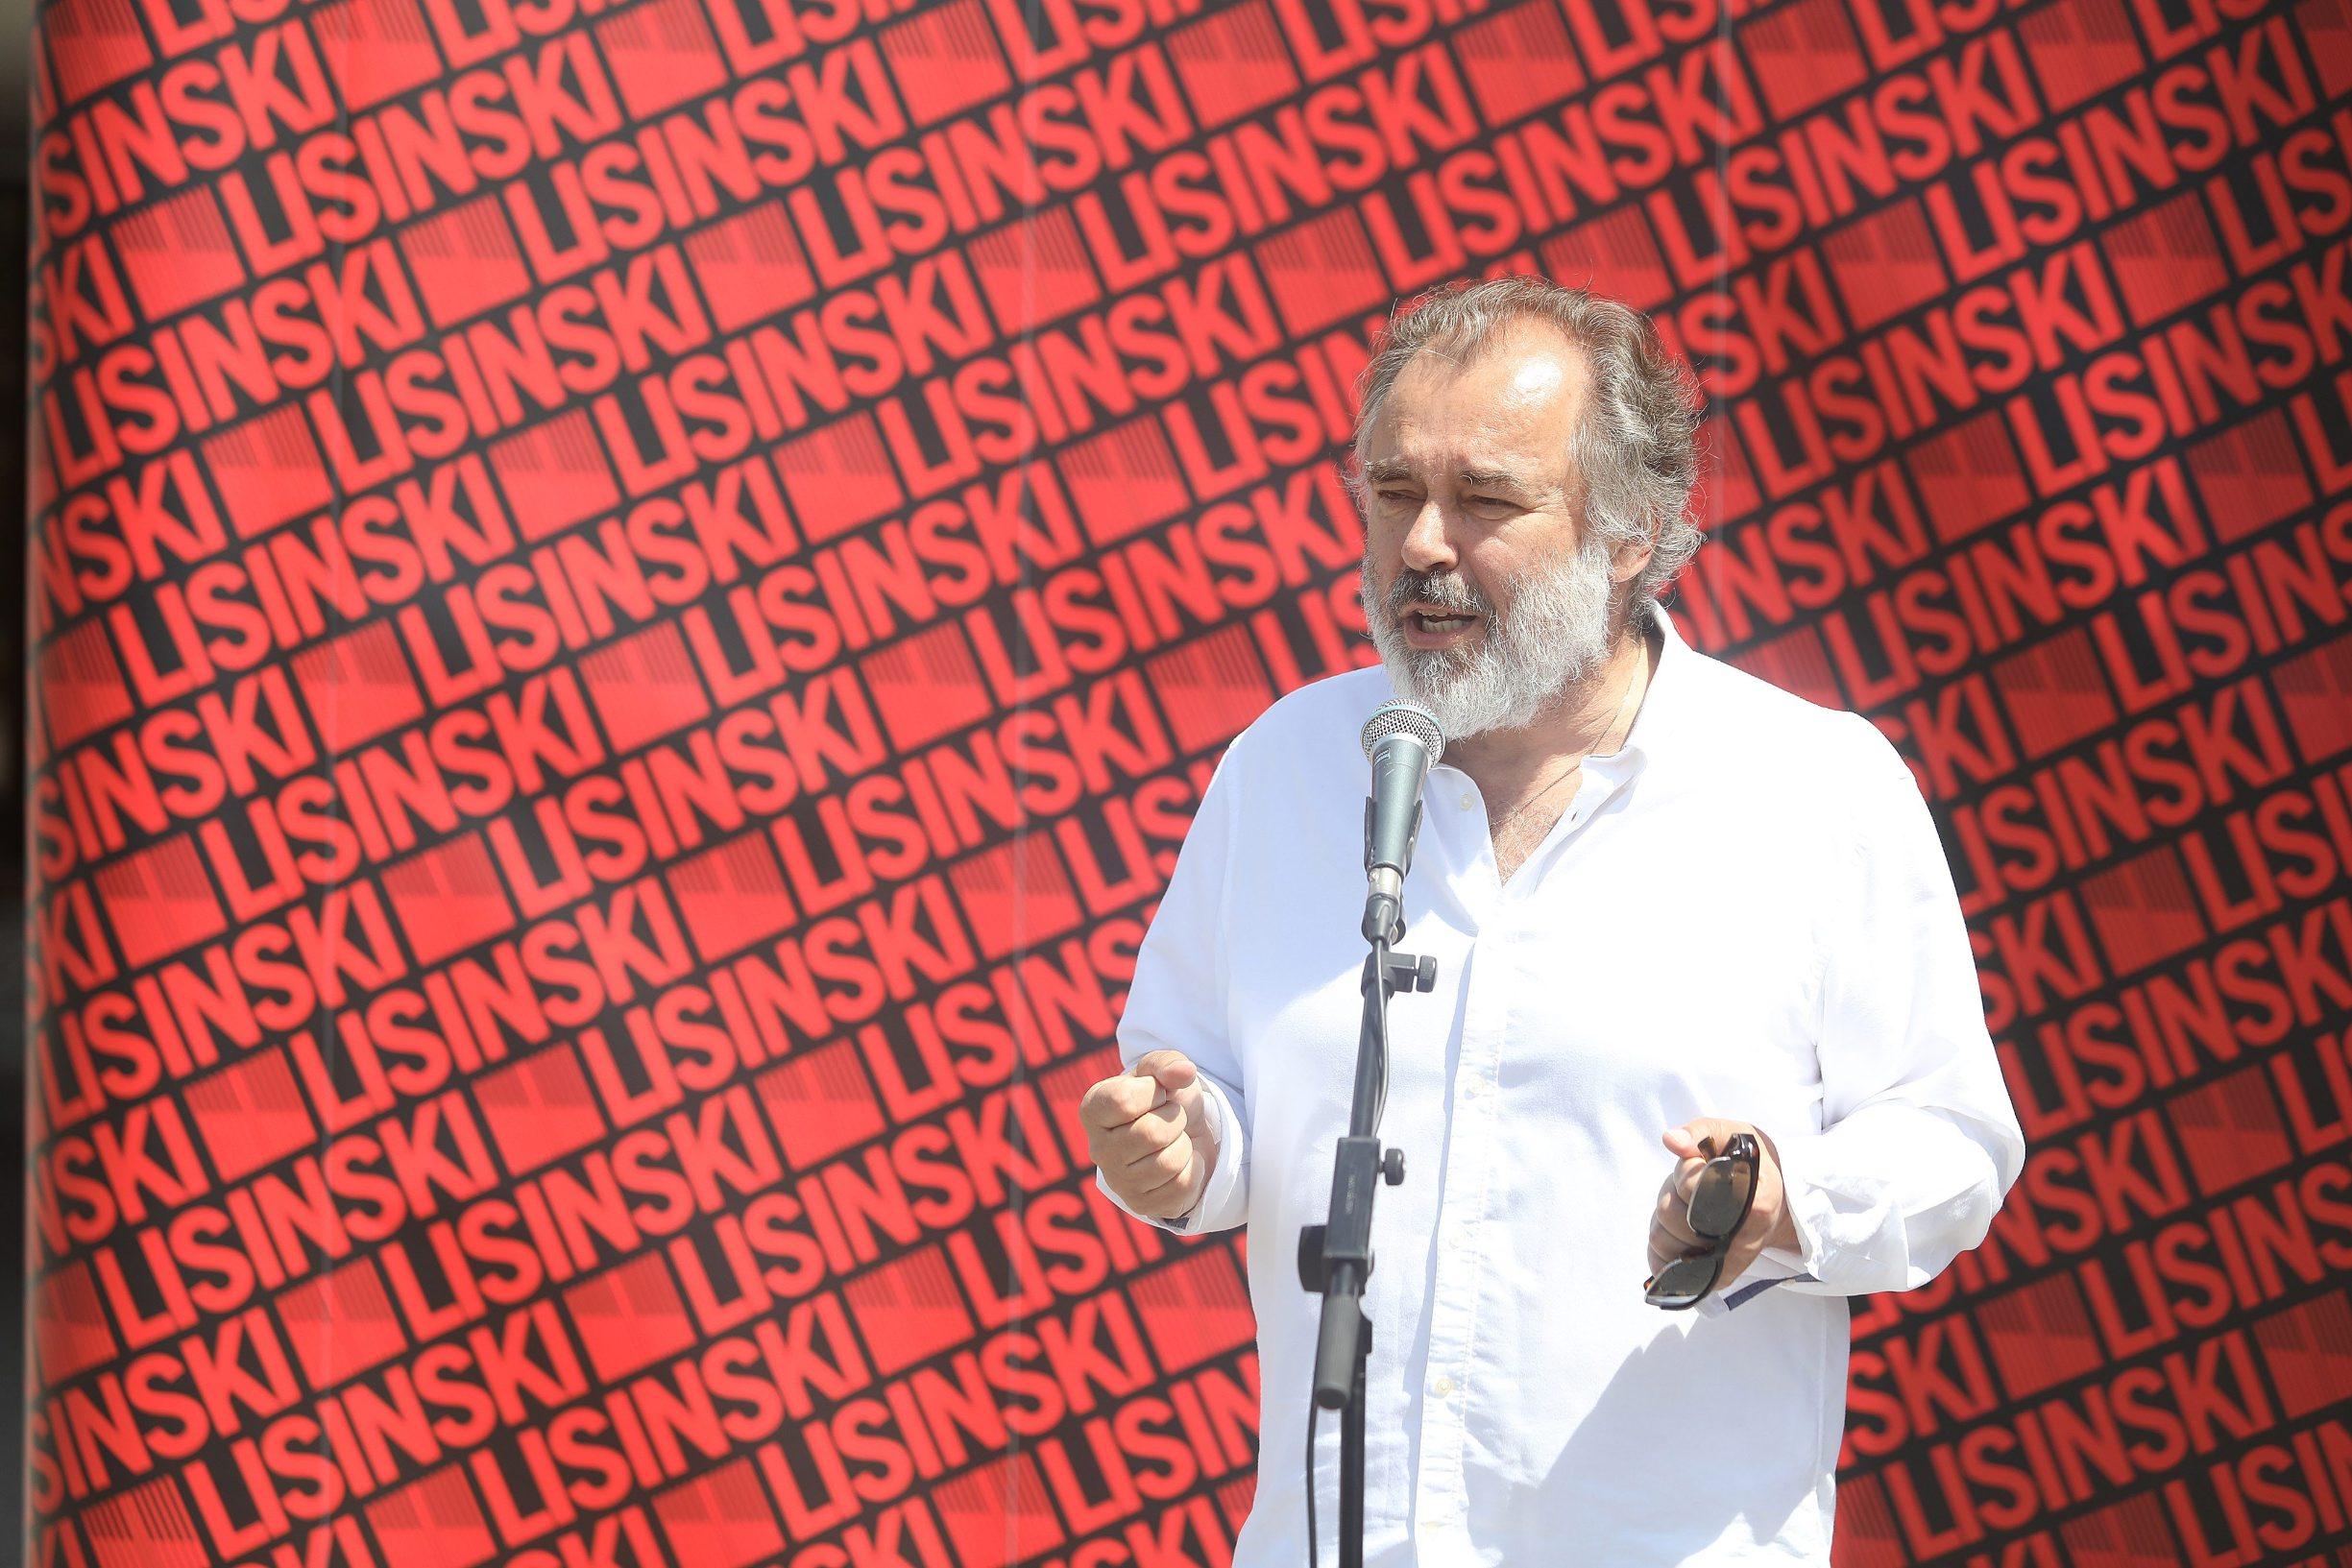 Zagreb, 080520. KD Lisinski Drazen Siriscevic predstavio projekt Lisinski na otvorenome. Na fotografiji: Drazen Siriscevic. Foto: Ranko Suvar / CROPIX